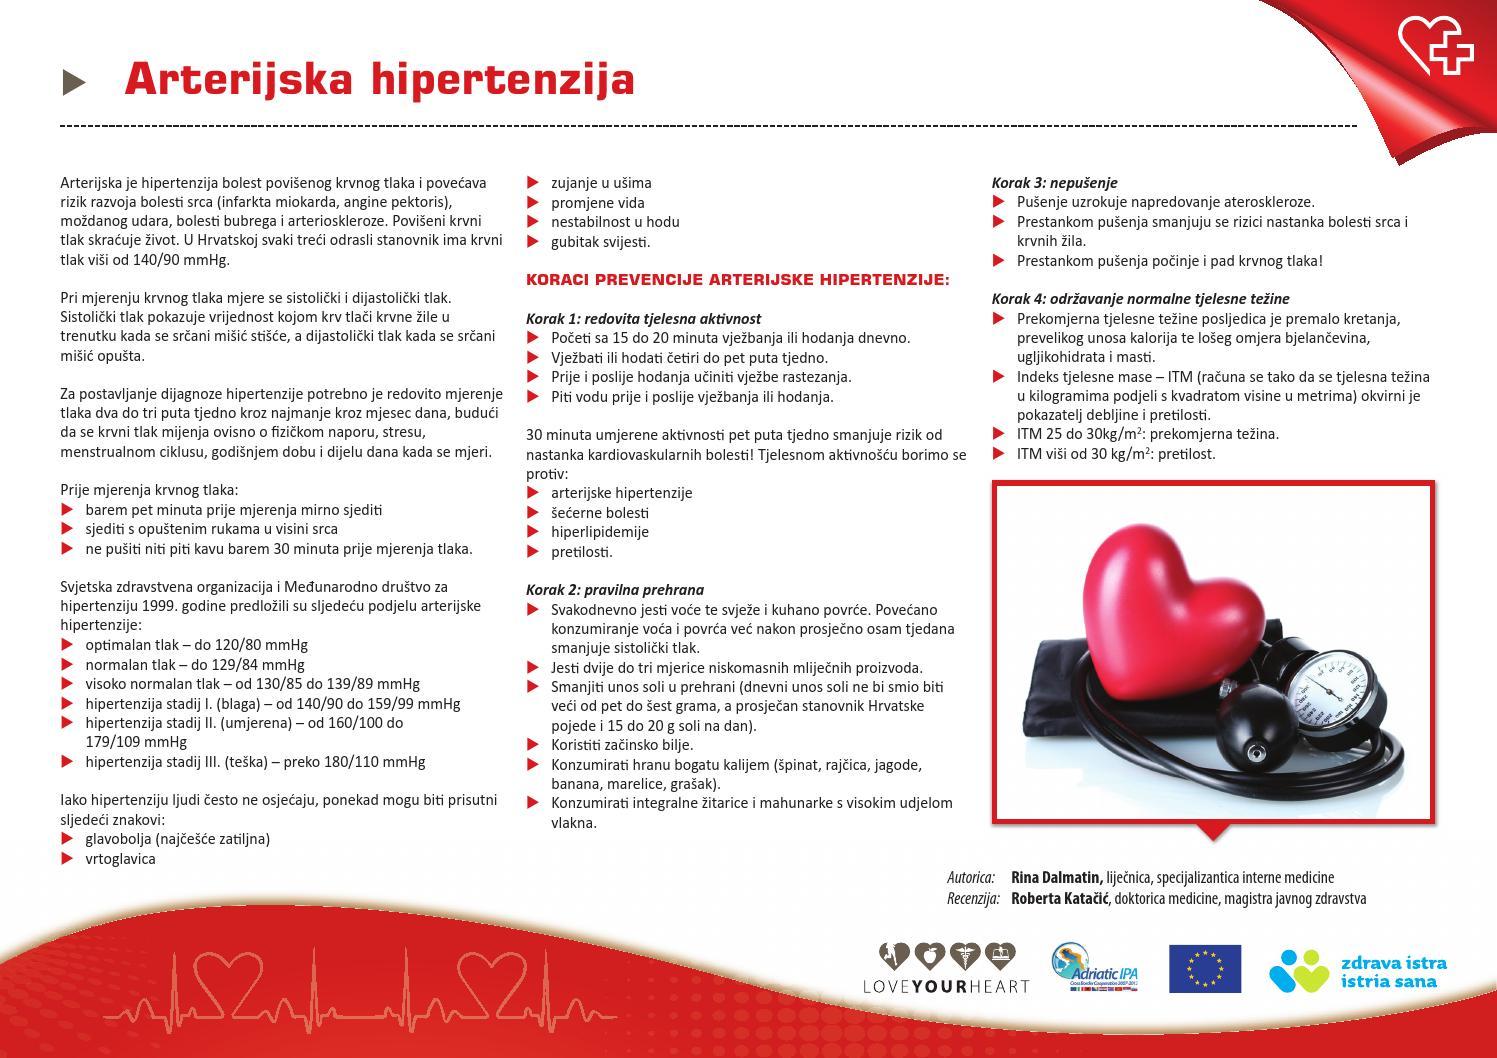 hipertenzije hipertenzije)